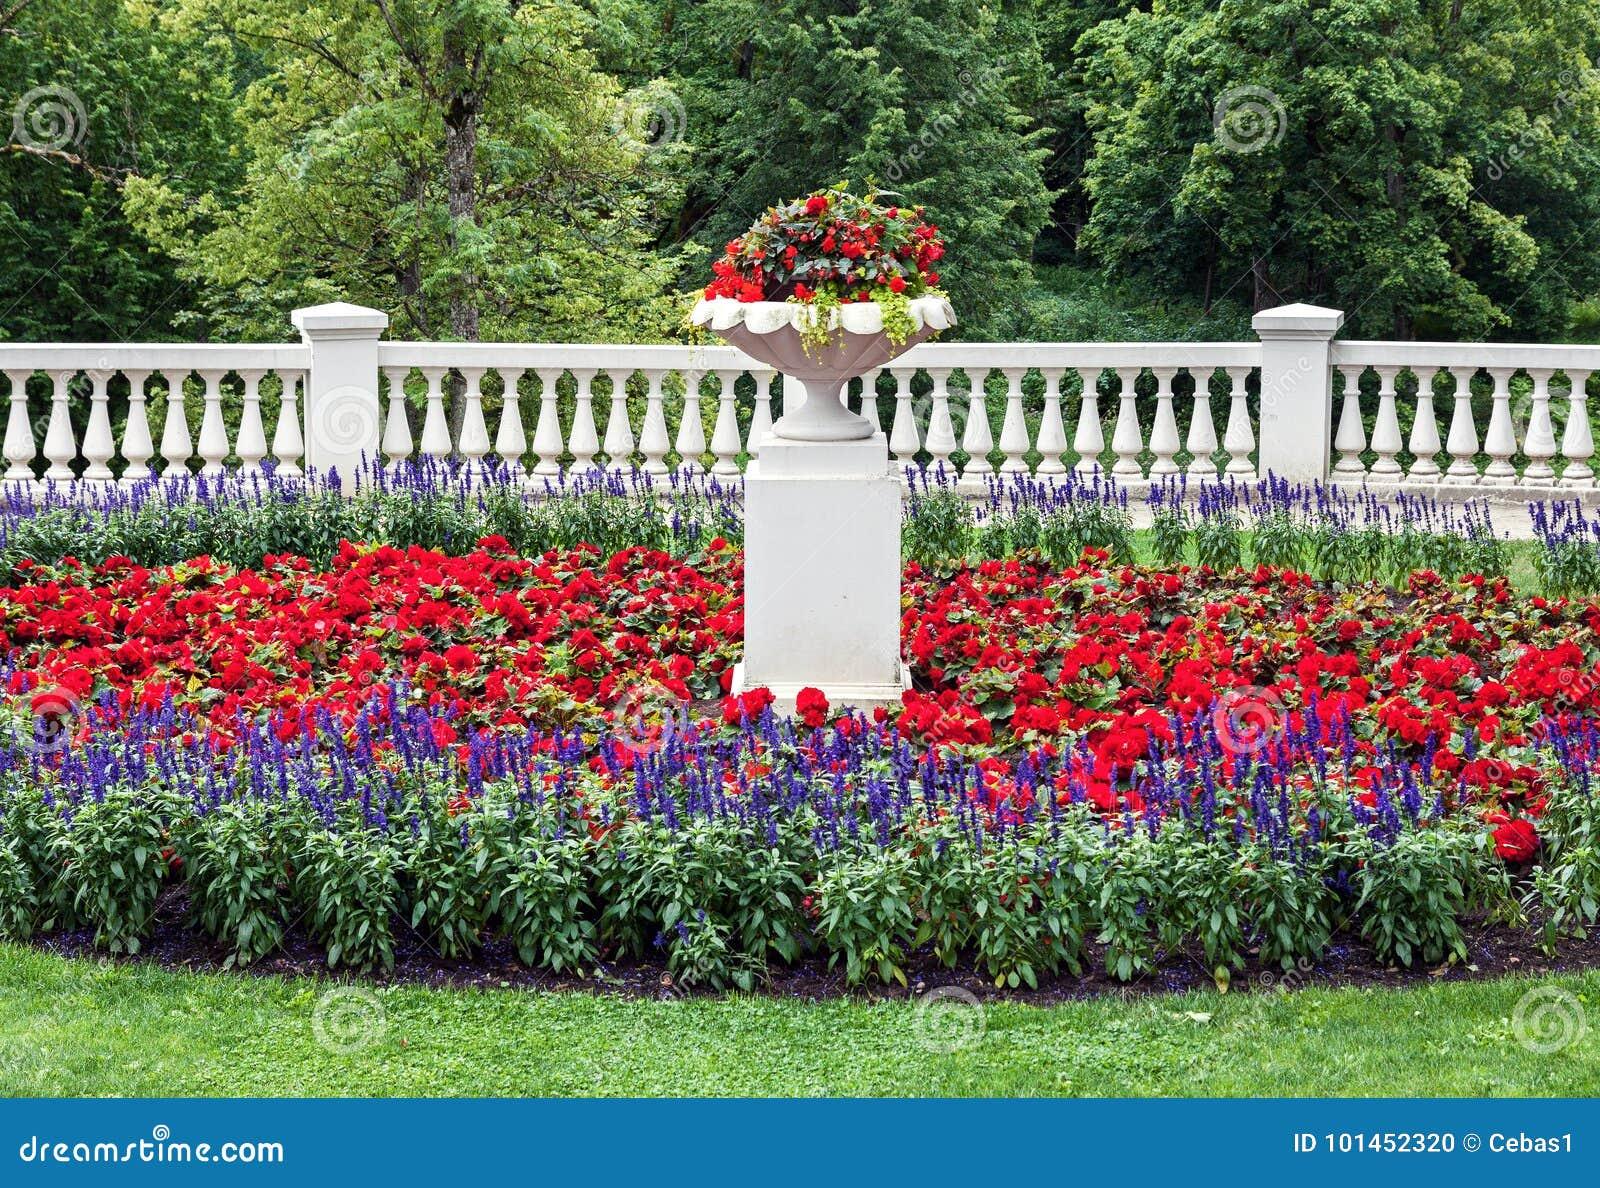 Landskap blomsterrabatt med klassiska arkitekturdetaljer